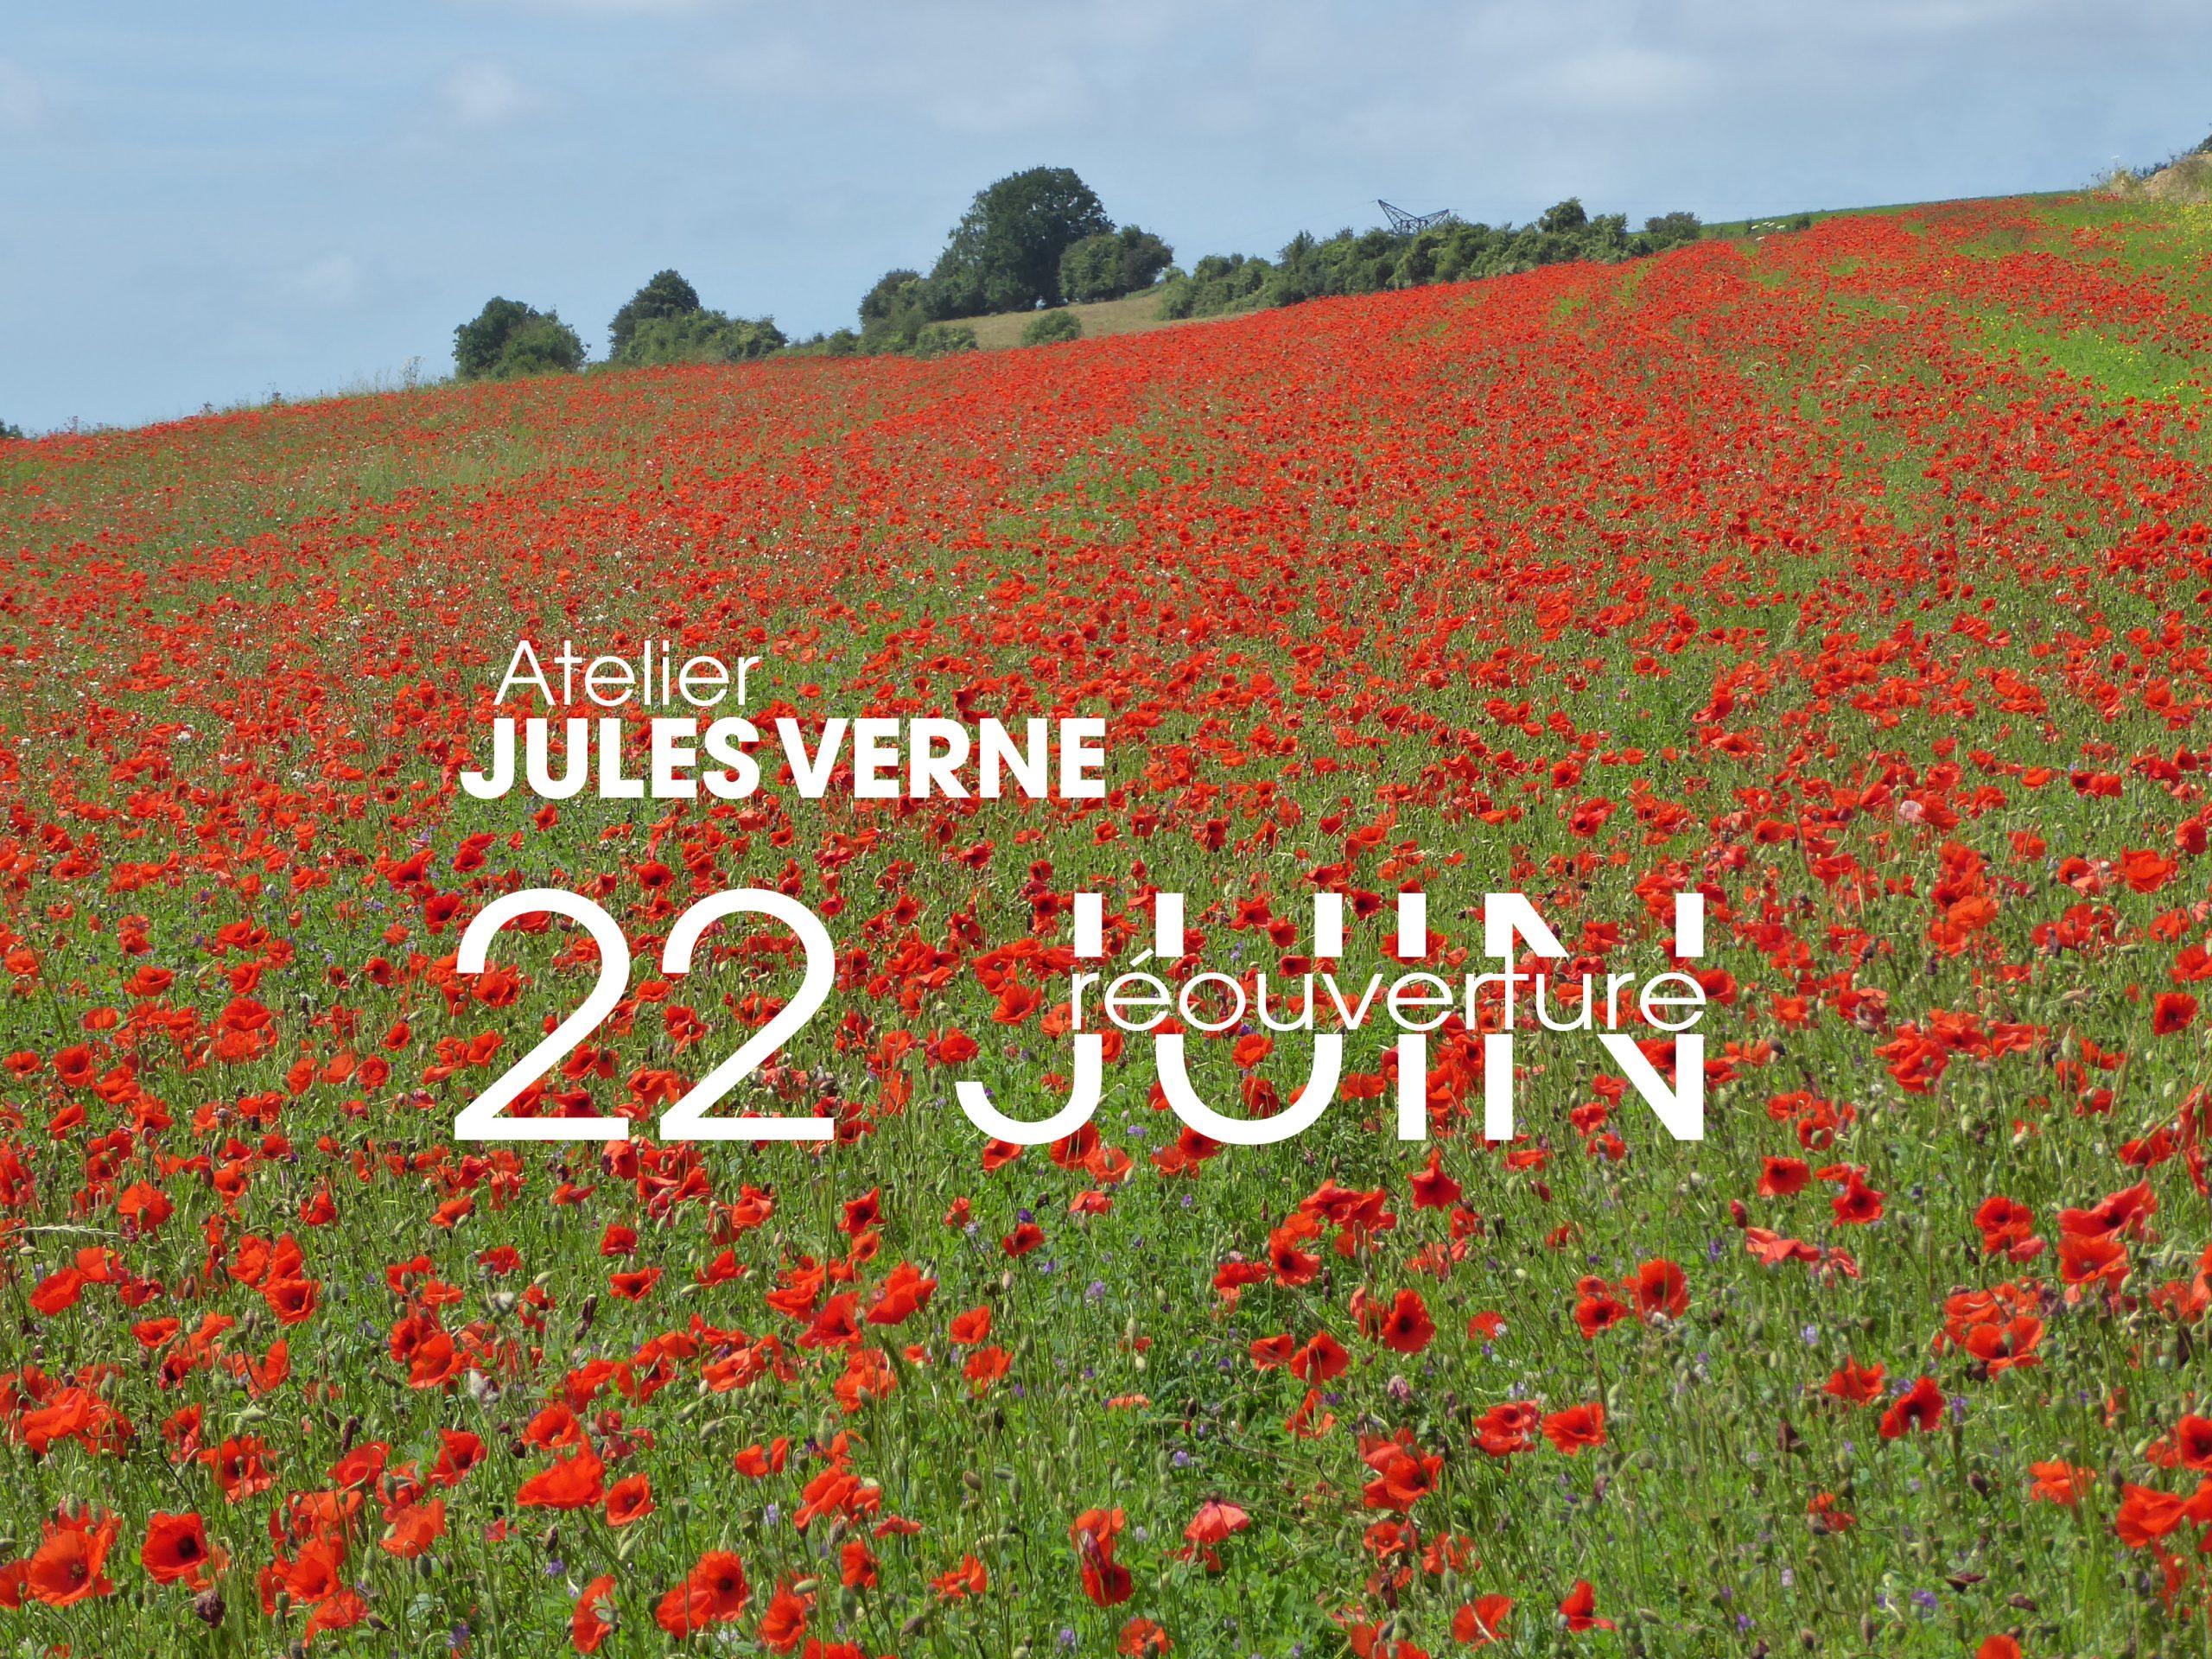 RÉOUVERTURE DE L'ATELIER JULES VERNE-Atelier Jules Verne